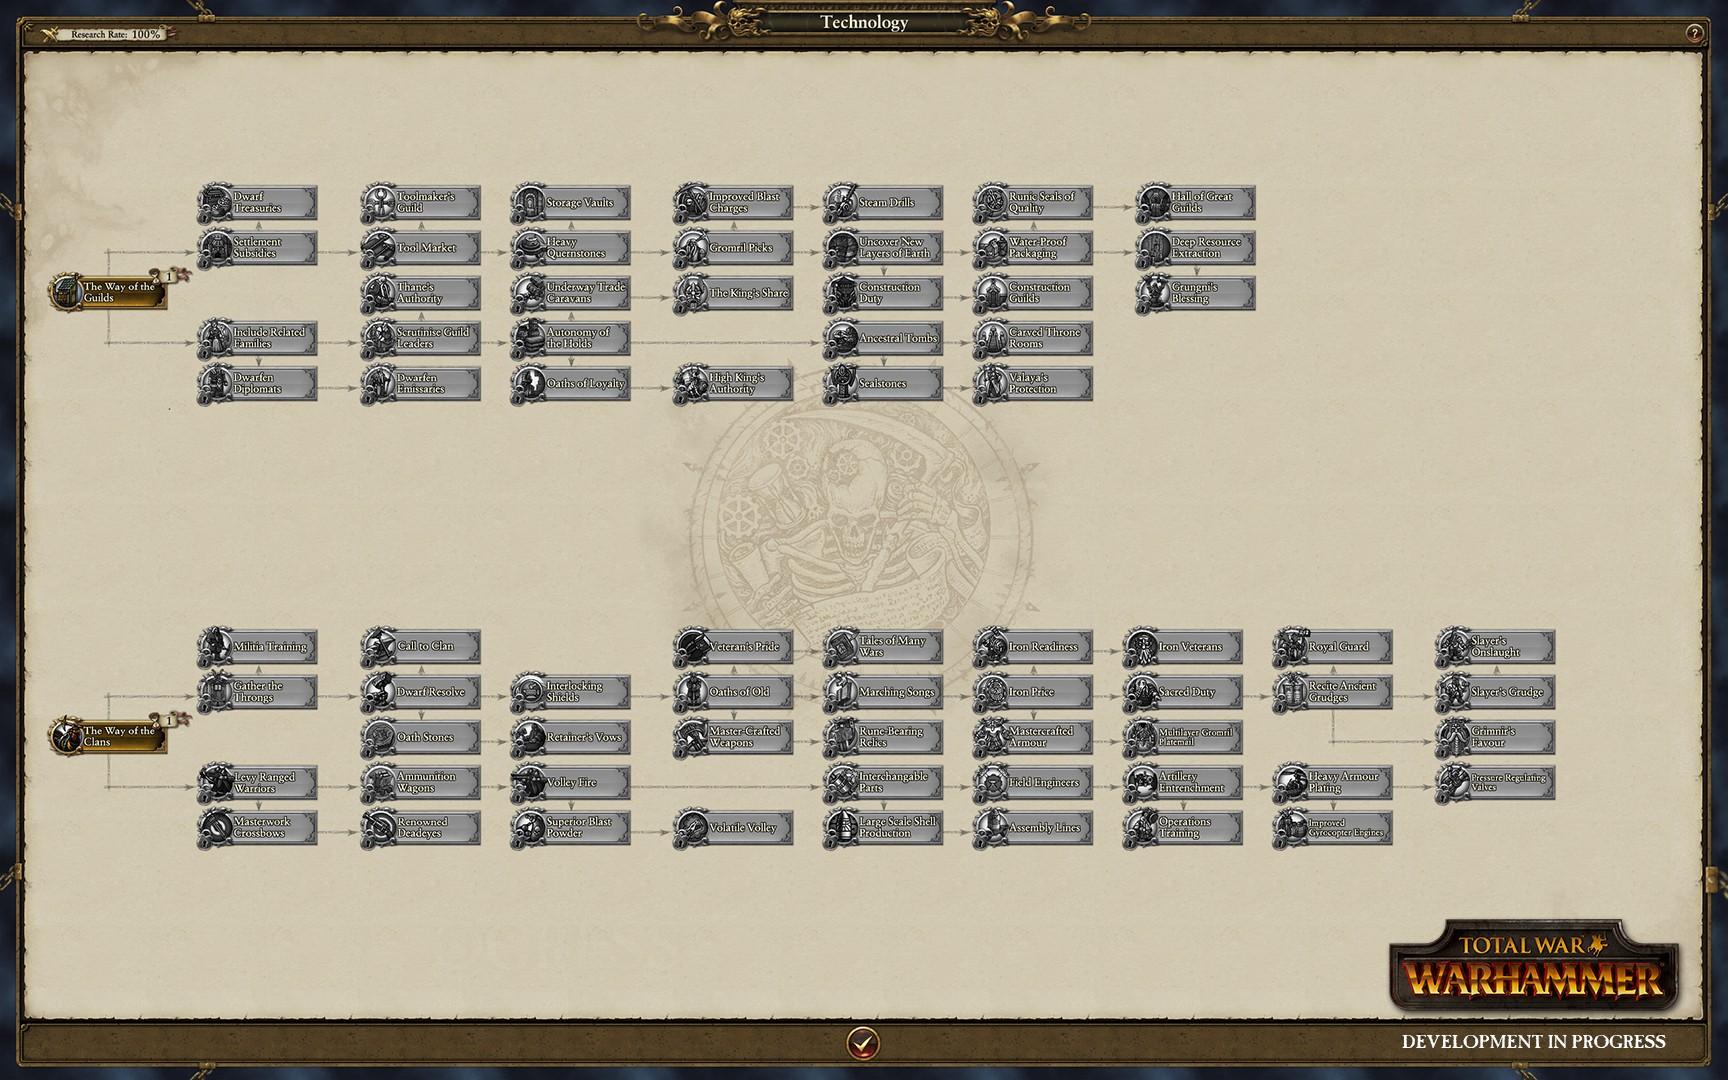 Total War: Warhammer Has Faction-Driven Approach for Tech